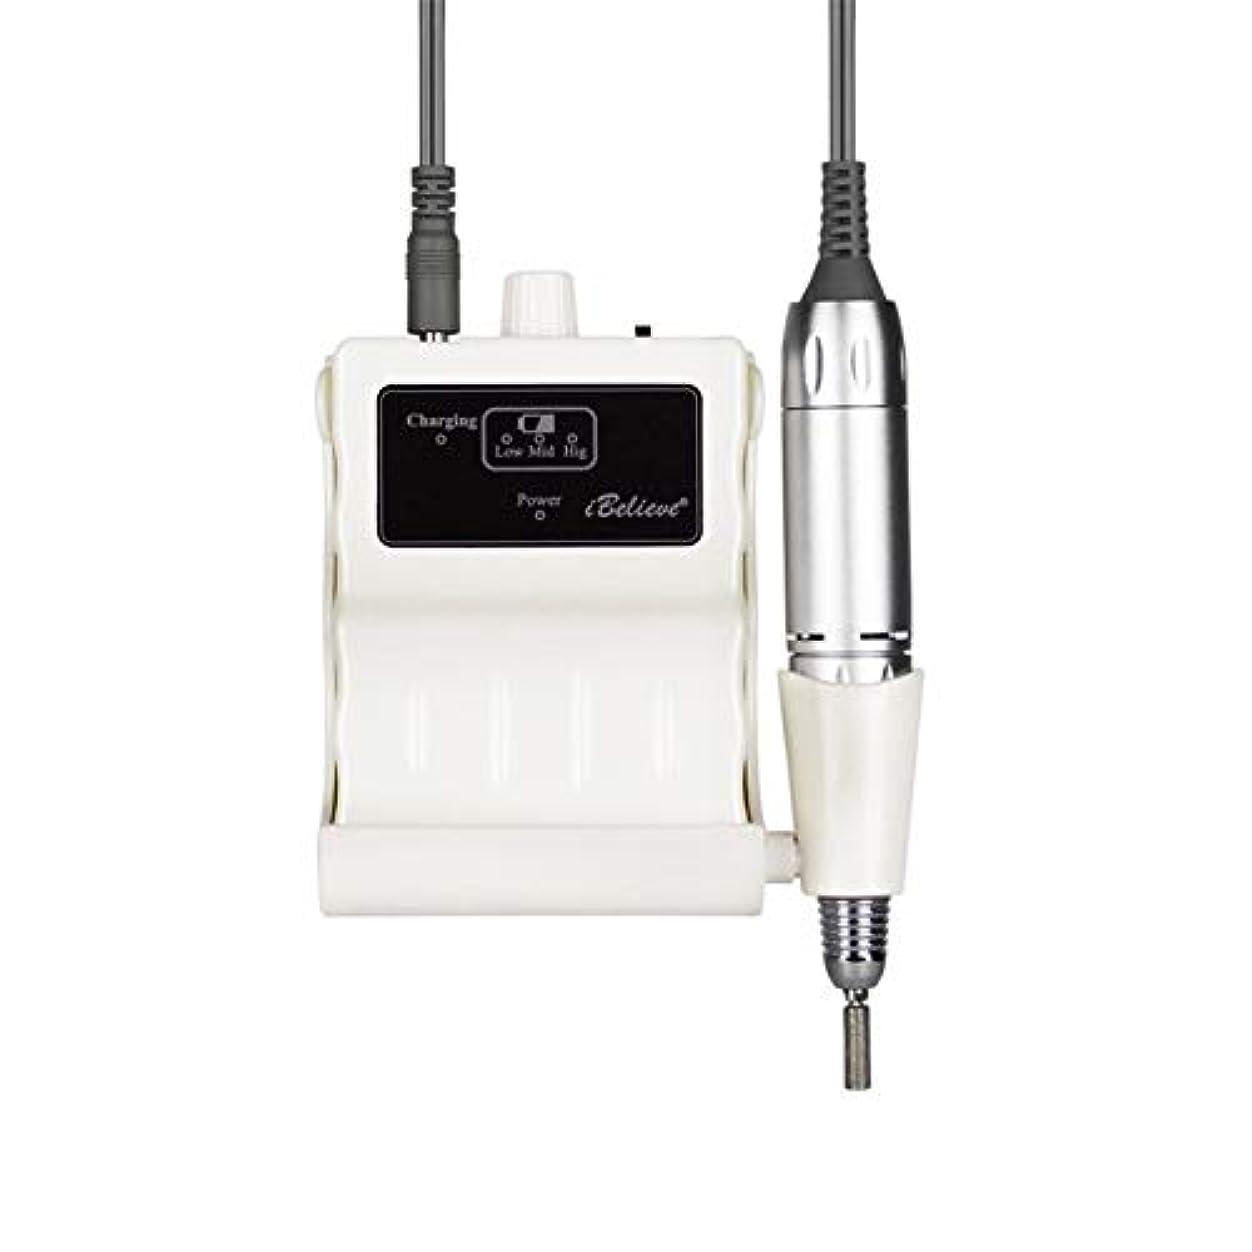 ながら印象的疲れた充電式マニキュアペディキュアセット用LEDディスプレイウエストバンド付き電動ネイルドリル30000RPMポータブル,白